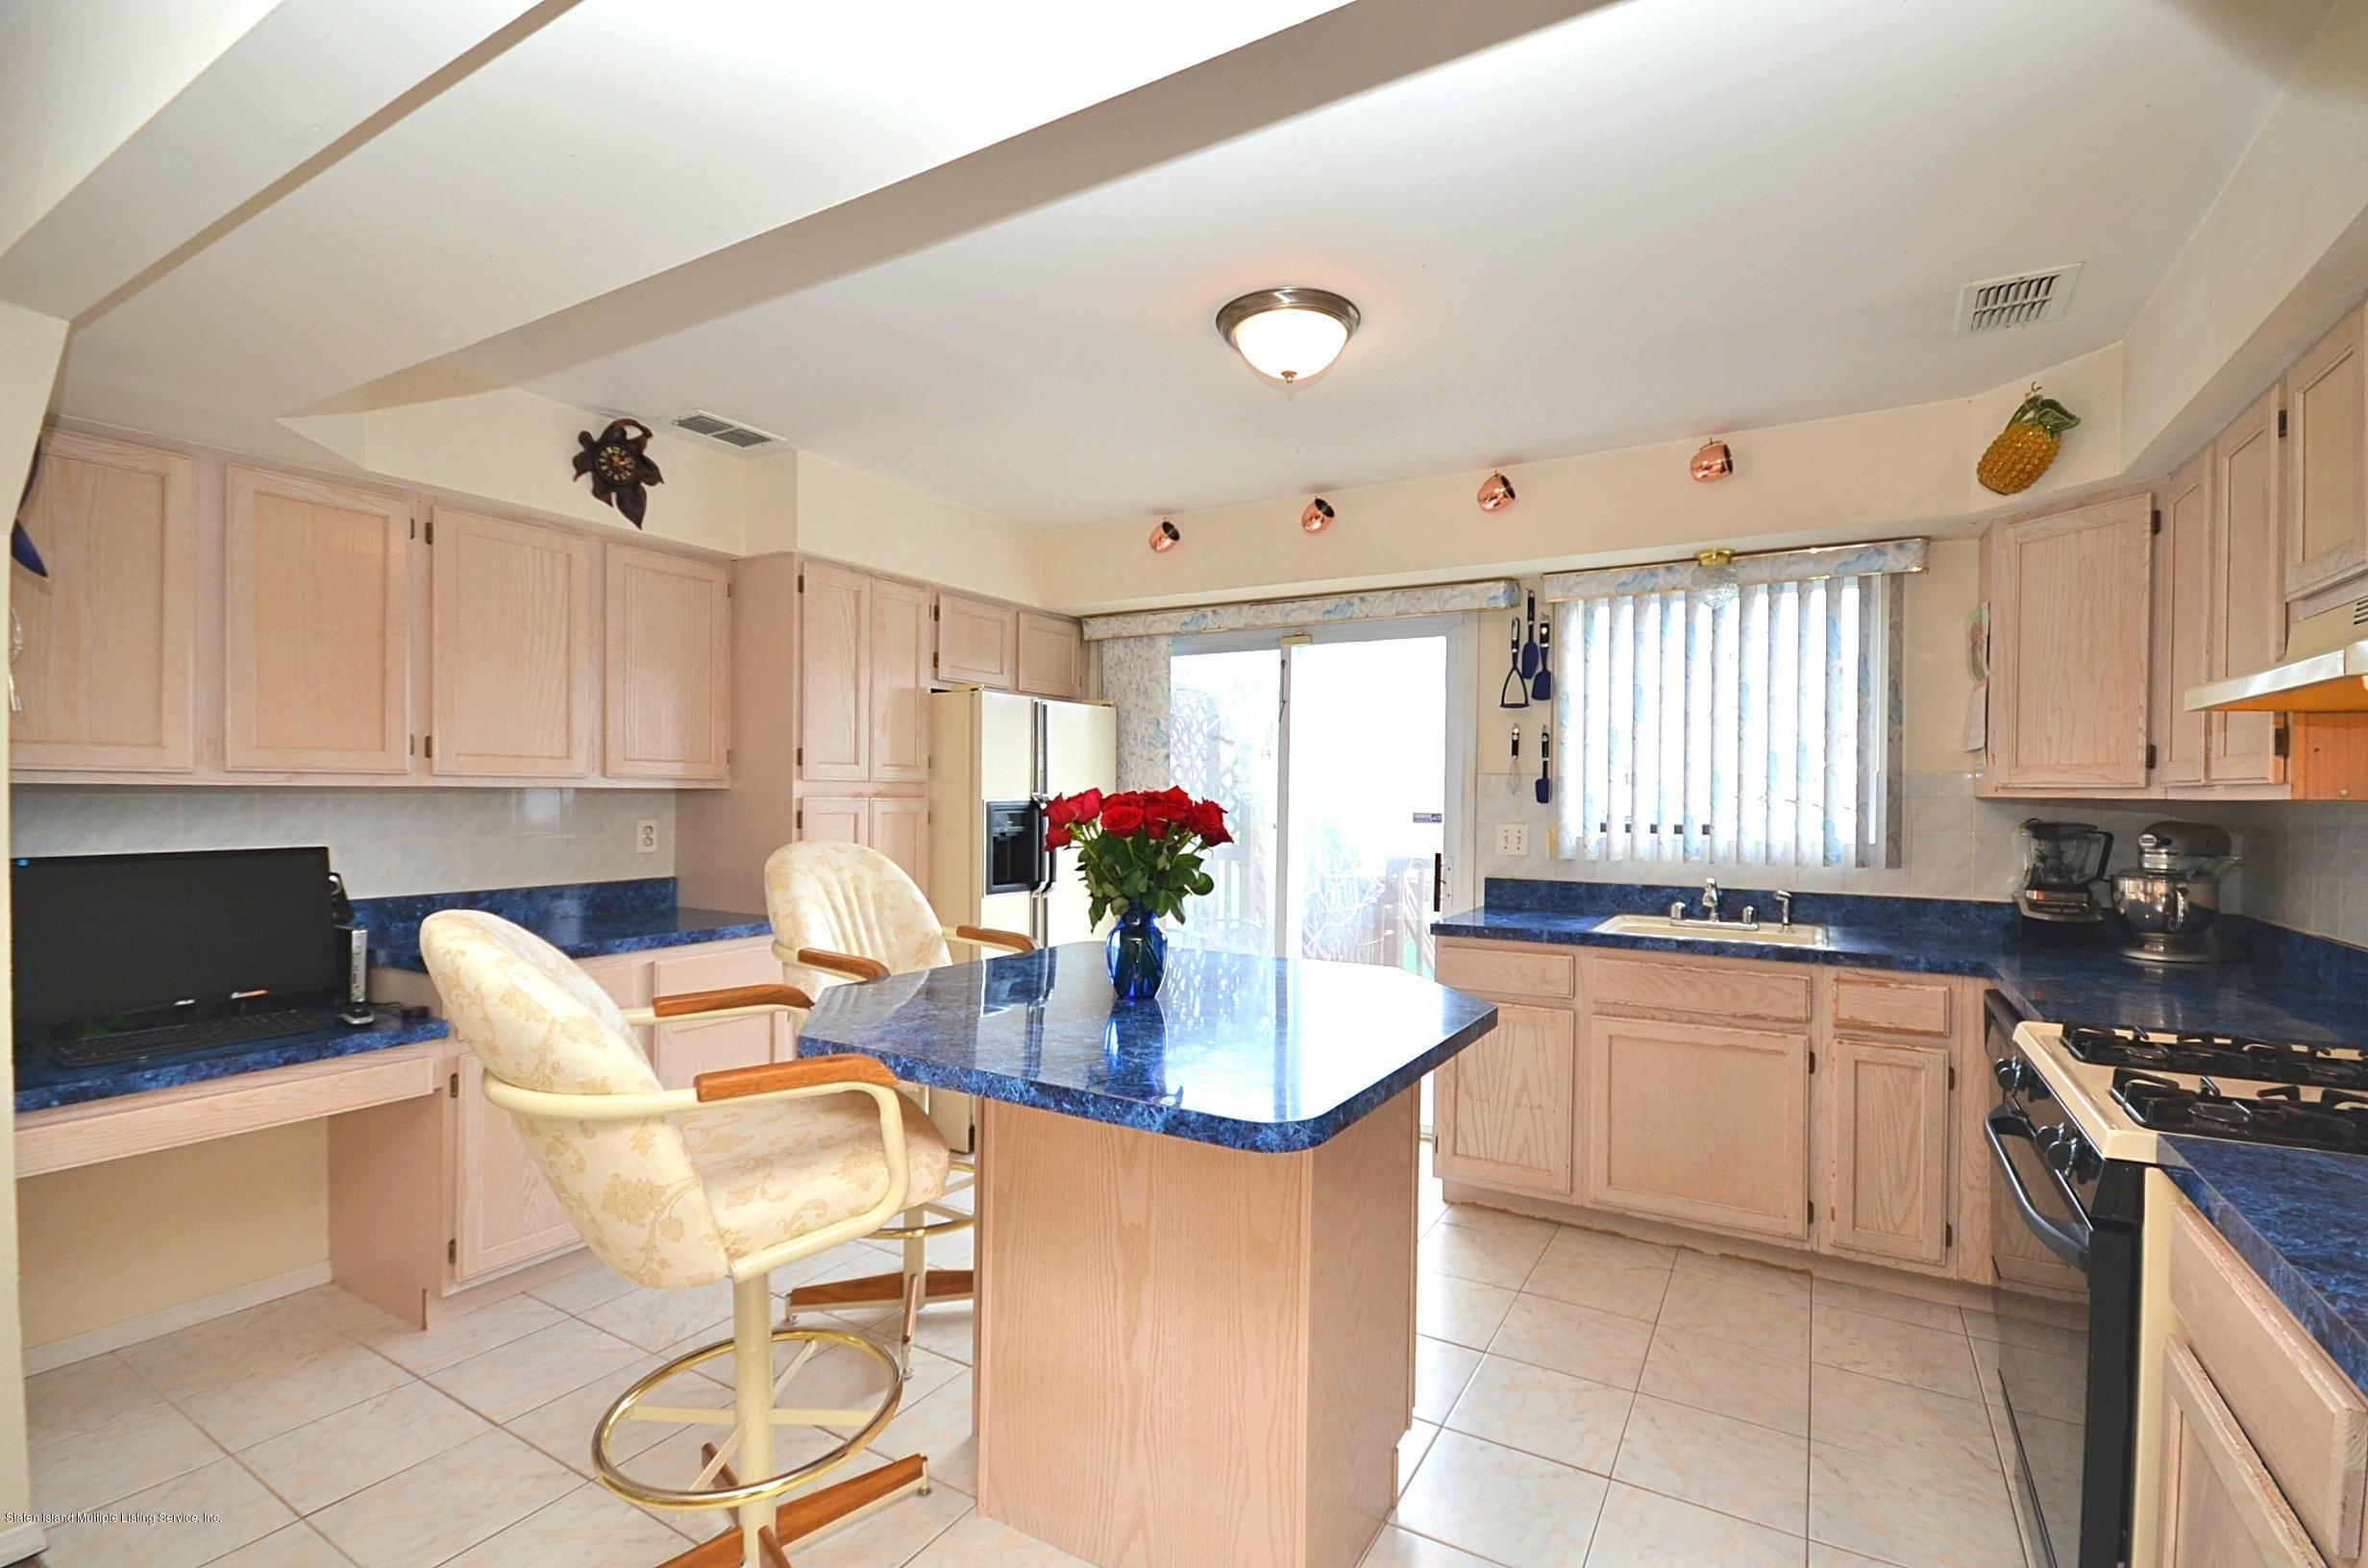 Single Family - Semi-Attached 447 Hillman Avenue  Staten Island, NY 10314, MLS-1126967-8